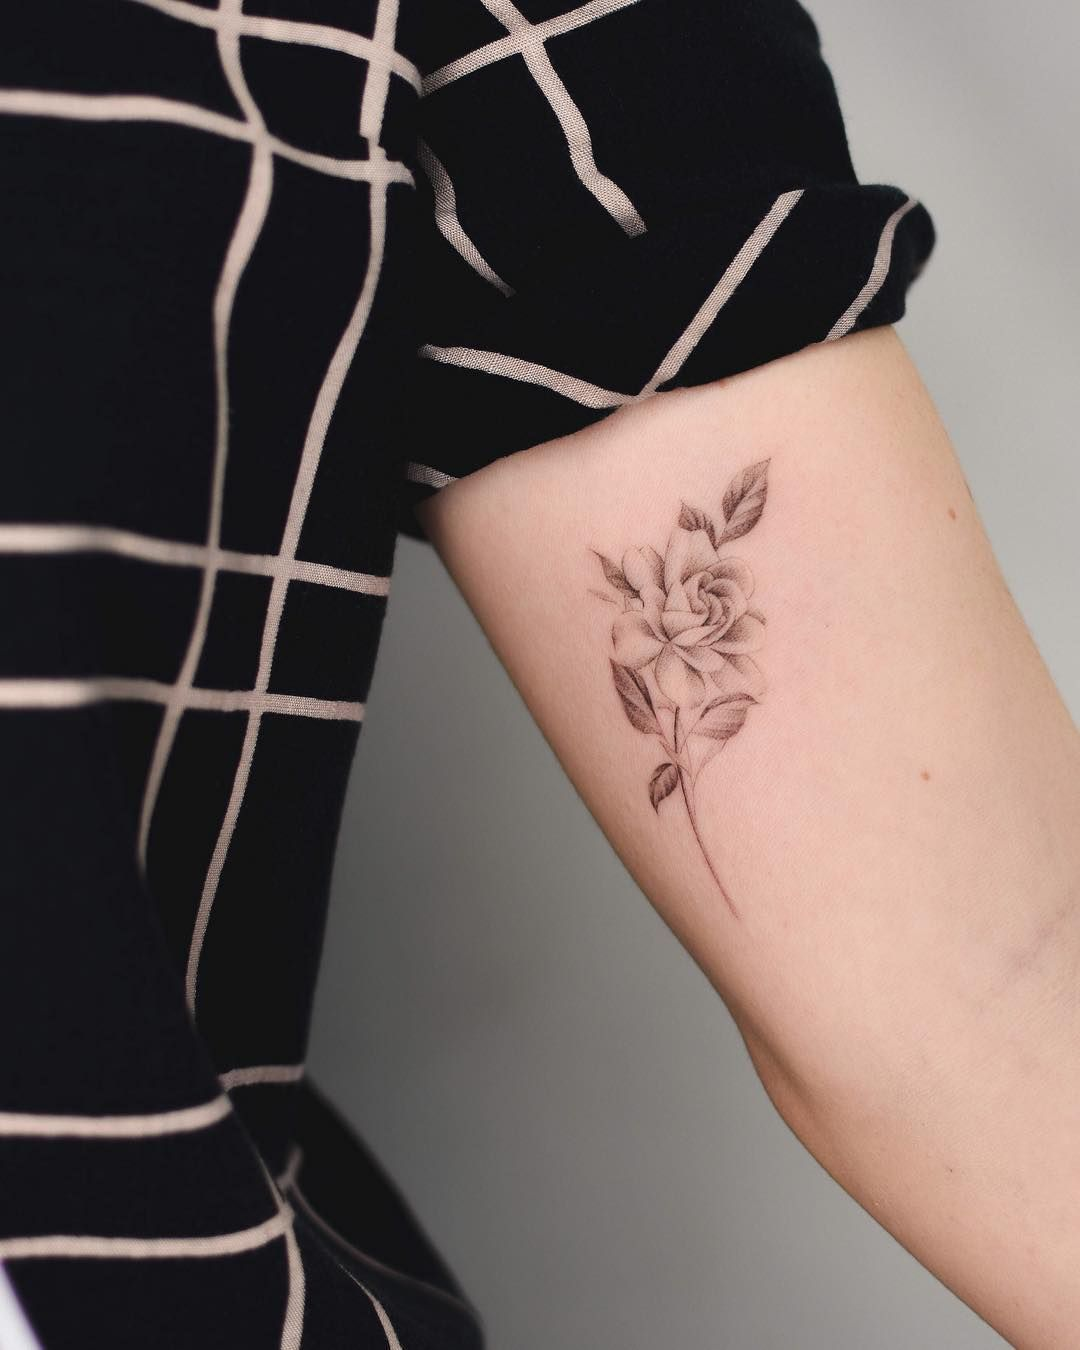 B ʀʏᴀɴ ɢᴜᴛɪᴇʀʀᴇᴢ On Instagram Gardenia Geometric Flower Tattoo Small Tattoos Small Geometric Tattoo